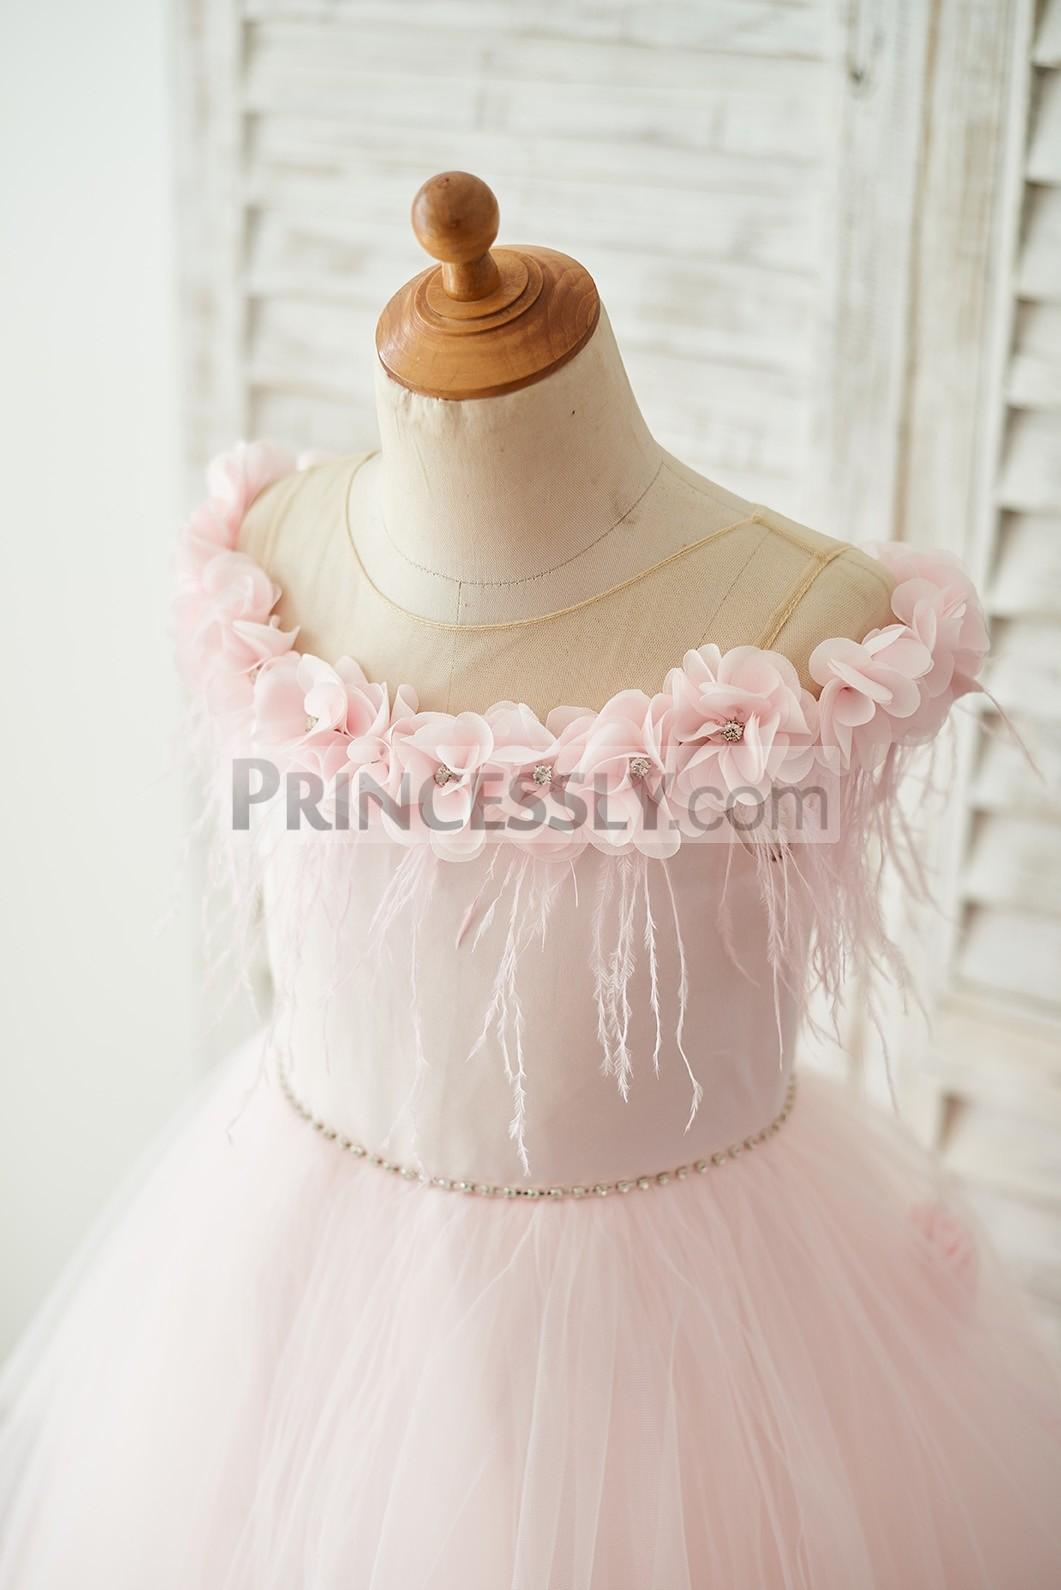 Princessly.com-K1003681-Off Shoulder Pink Tulle Feathers Wedding Party Flower Girl Dress-31